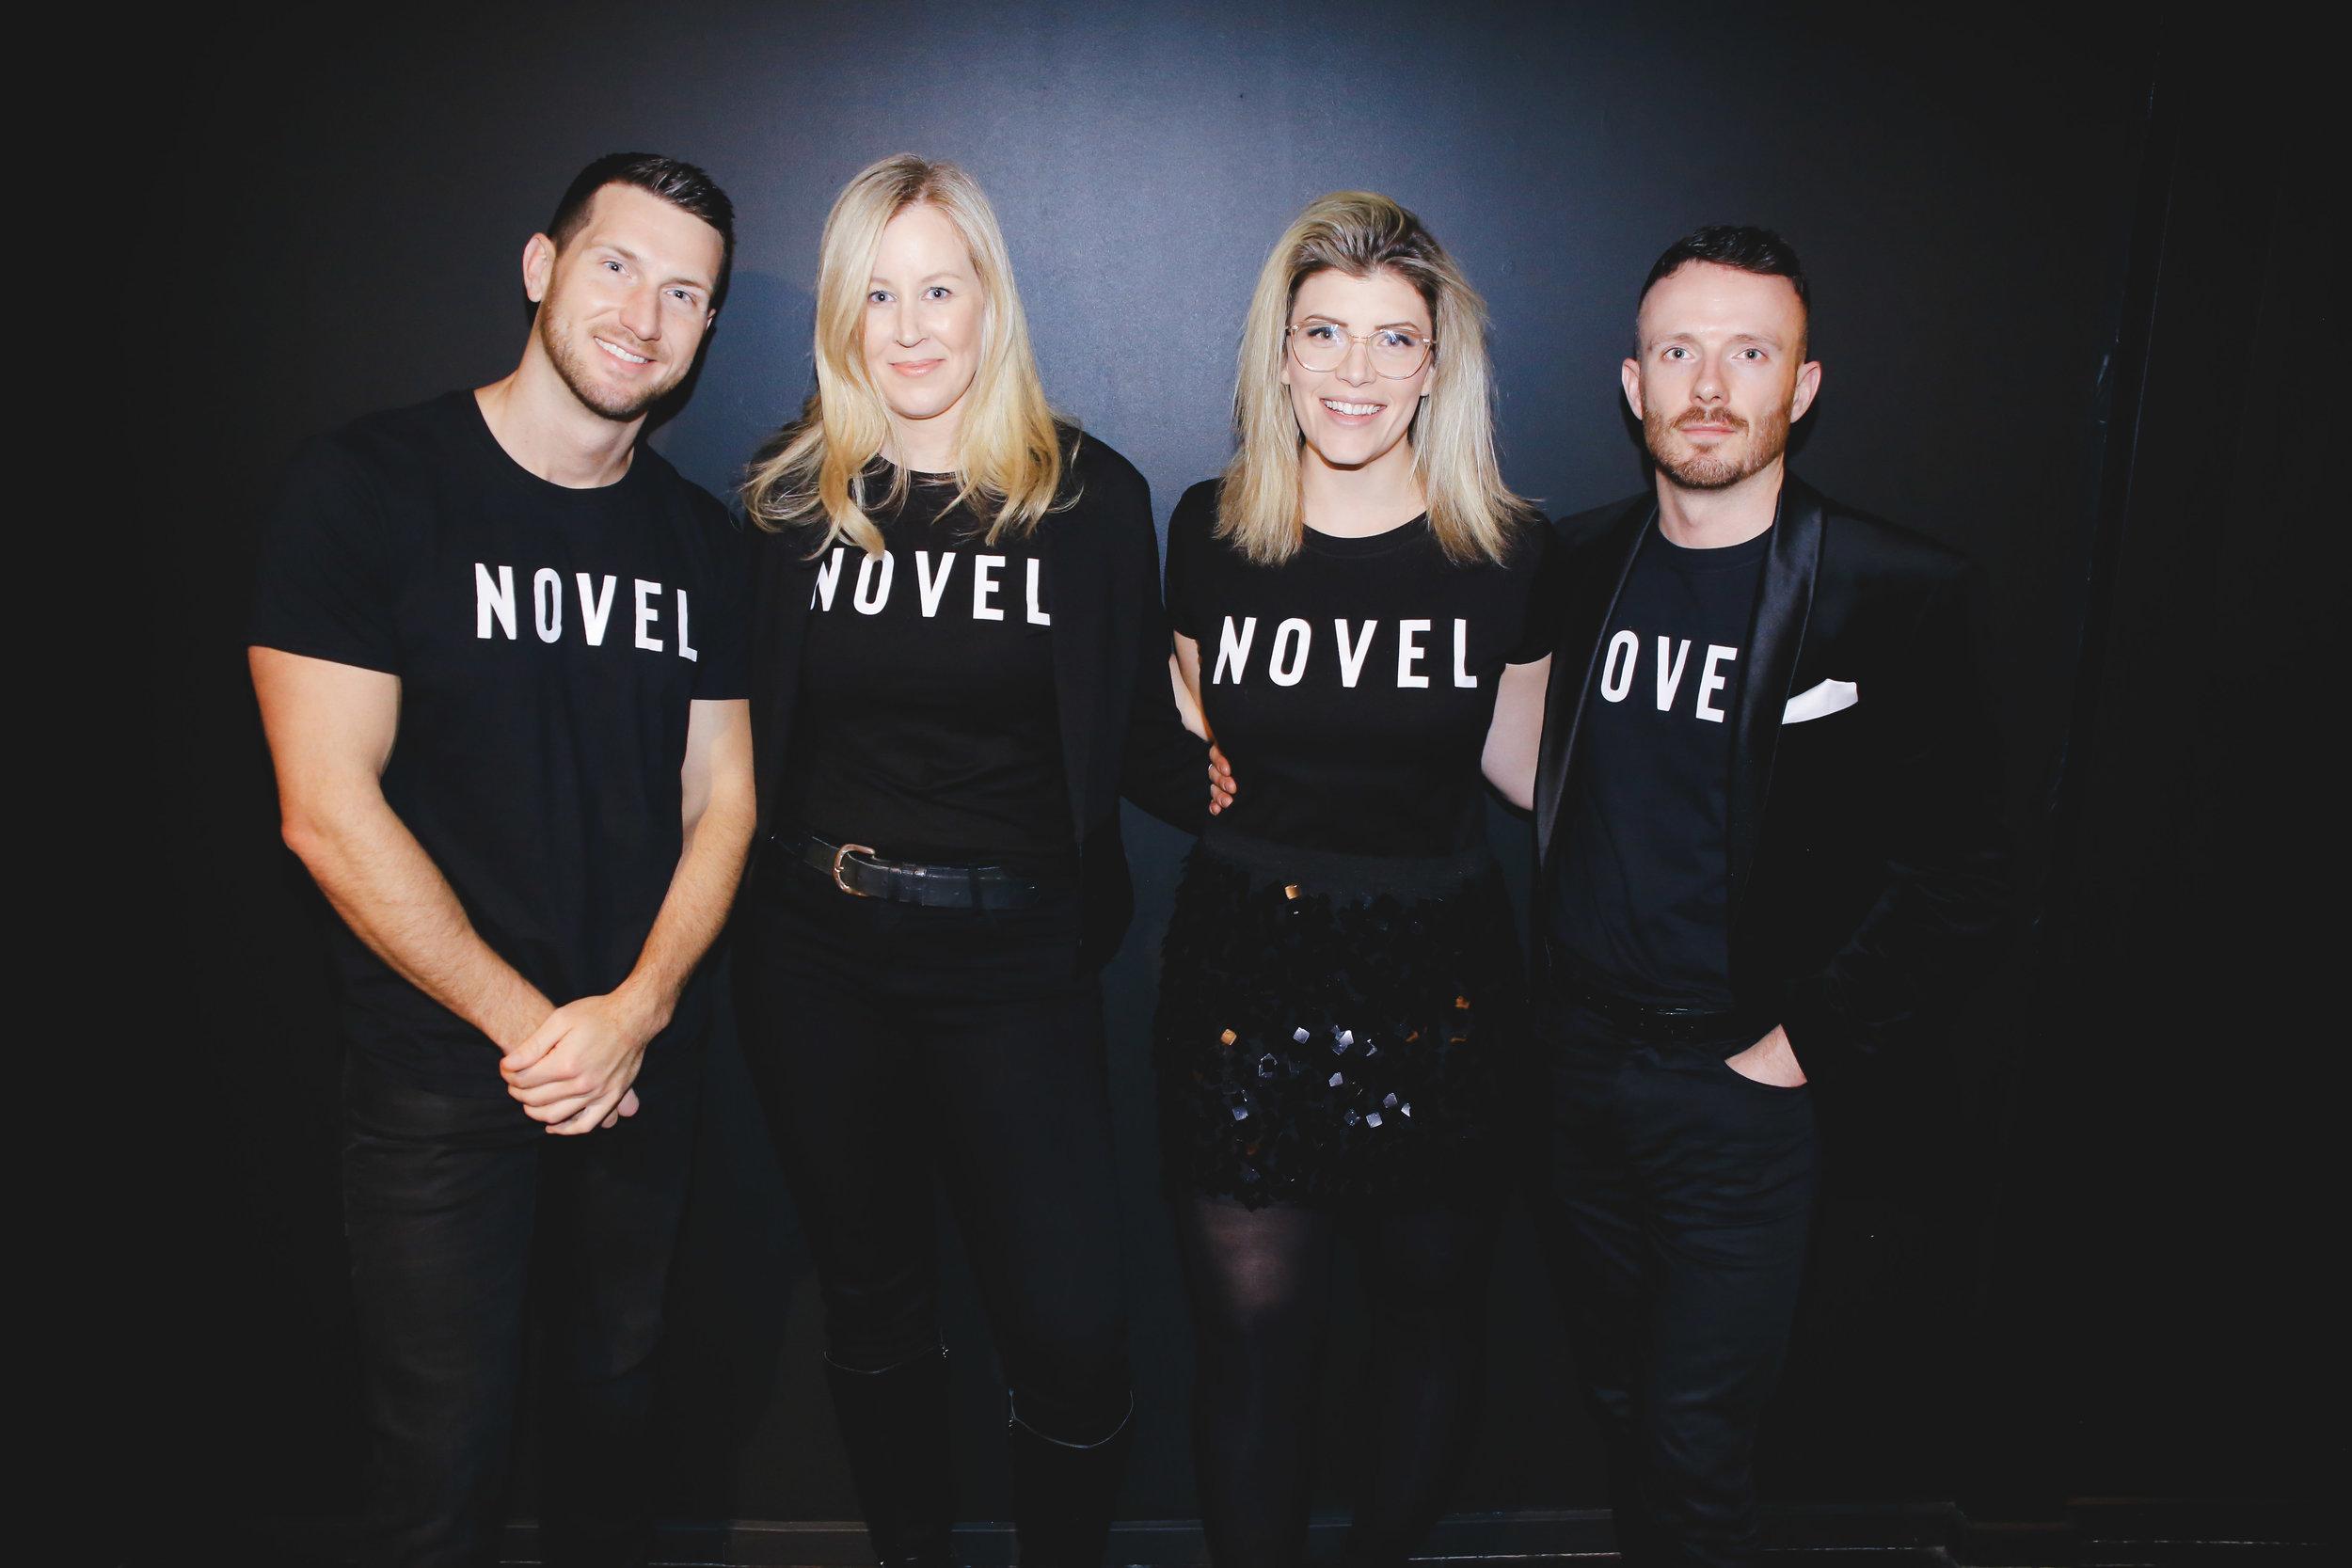 Novel Evenings Team